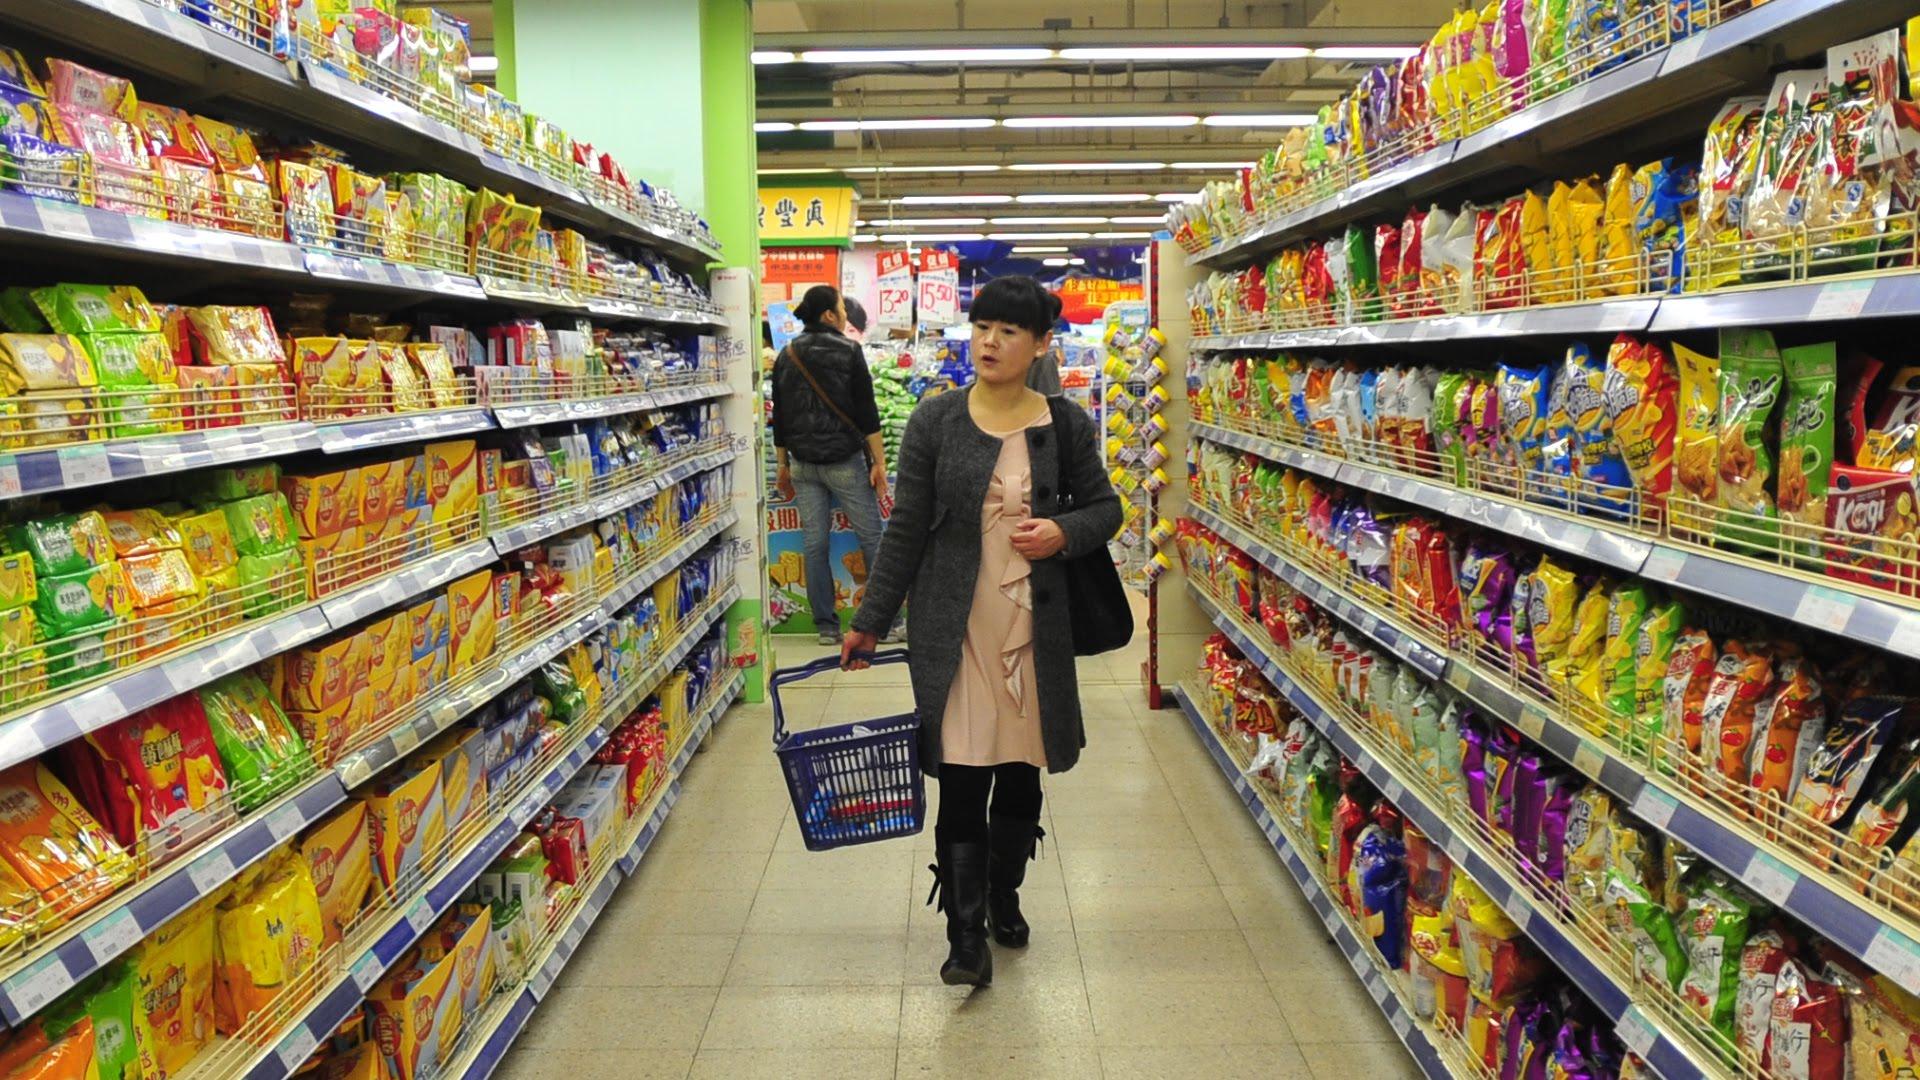 supermercado china - La integración de la experiencia online y offline que ofrecen los minoristas chinos a sus clientes